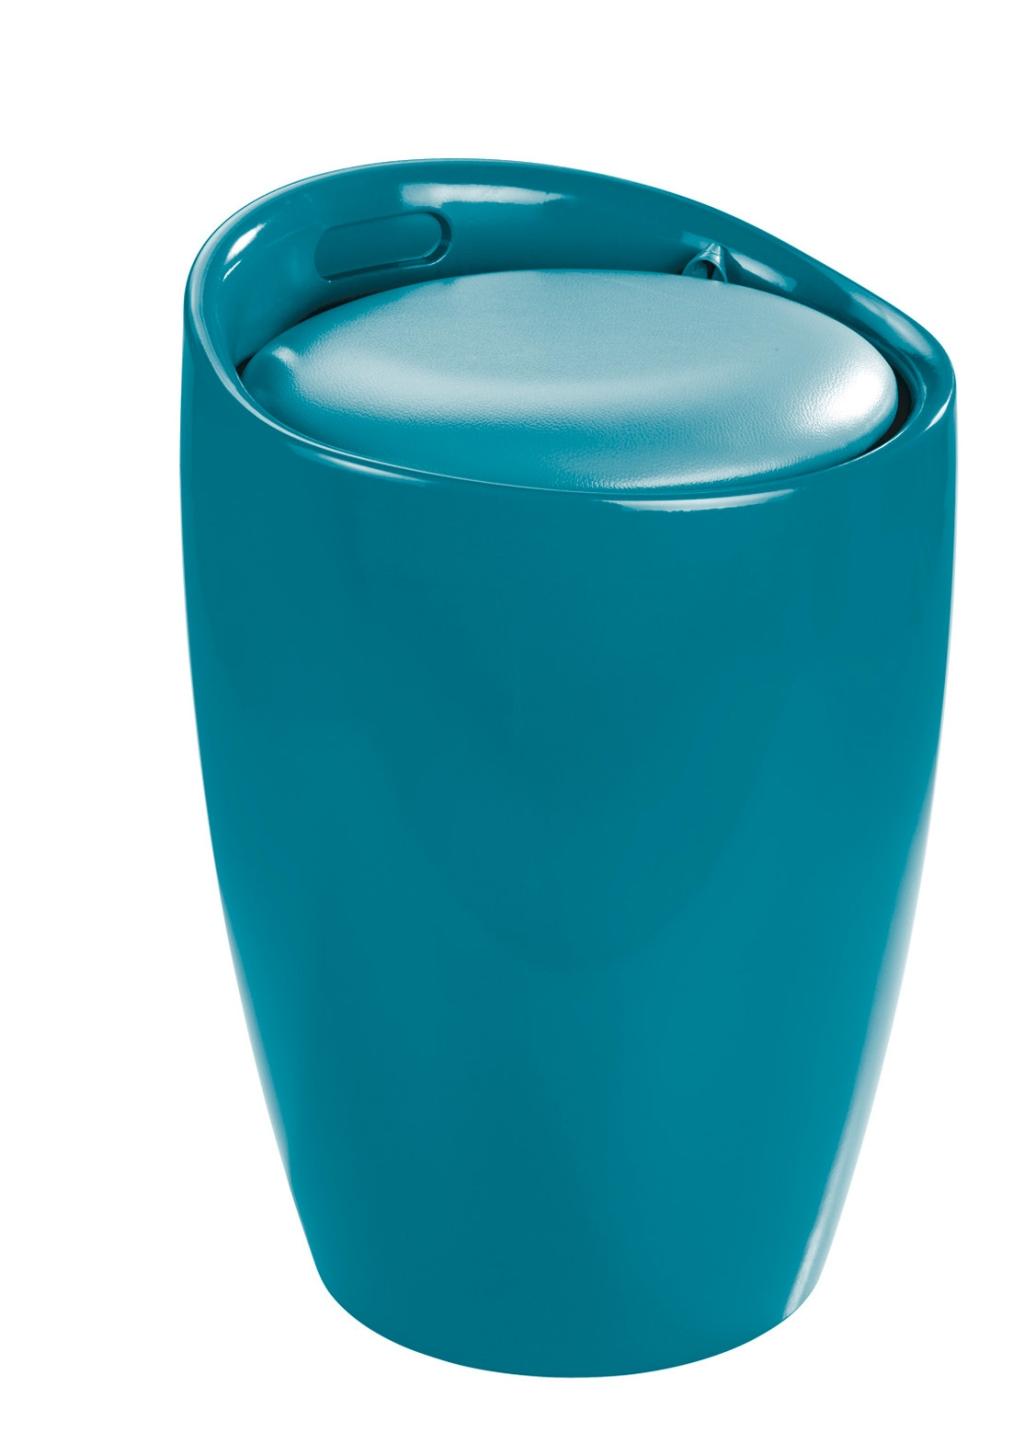 Sitzhocker mit stauraum in 2 farben badm bel bader for Sitzhocker mit stauraum